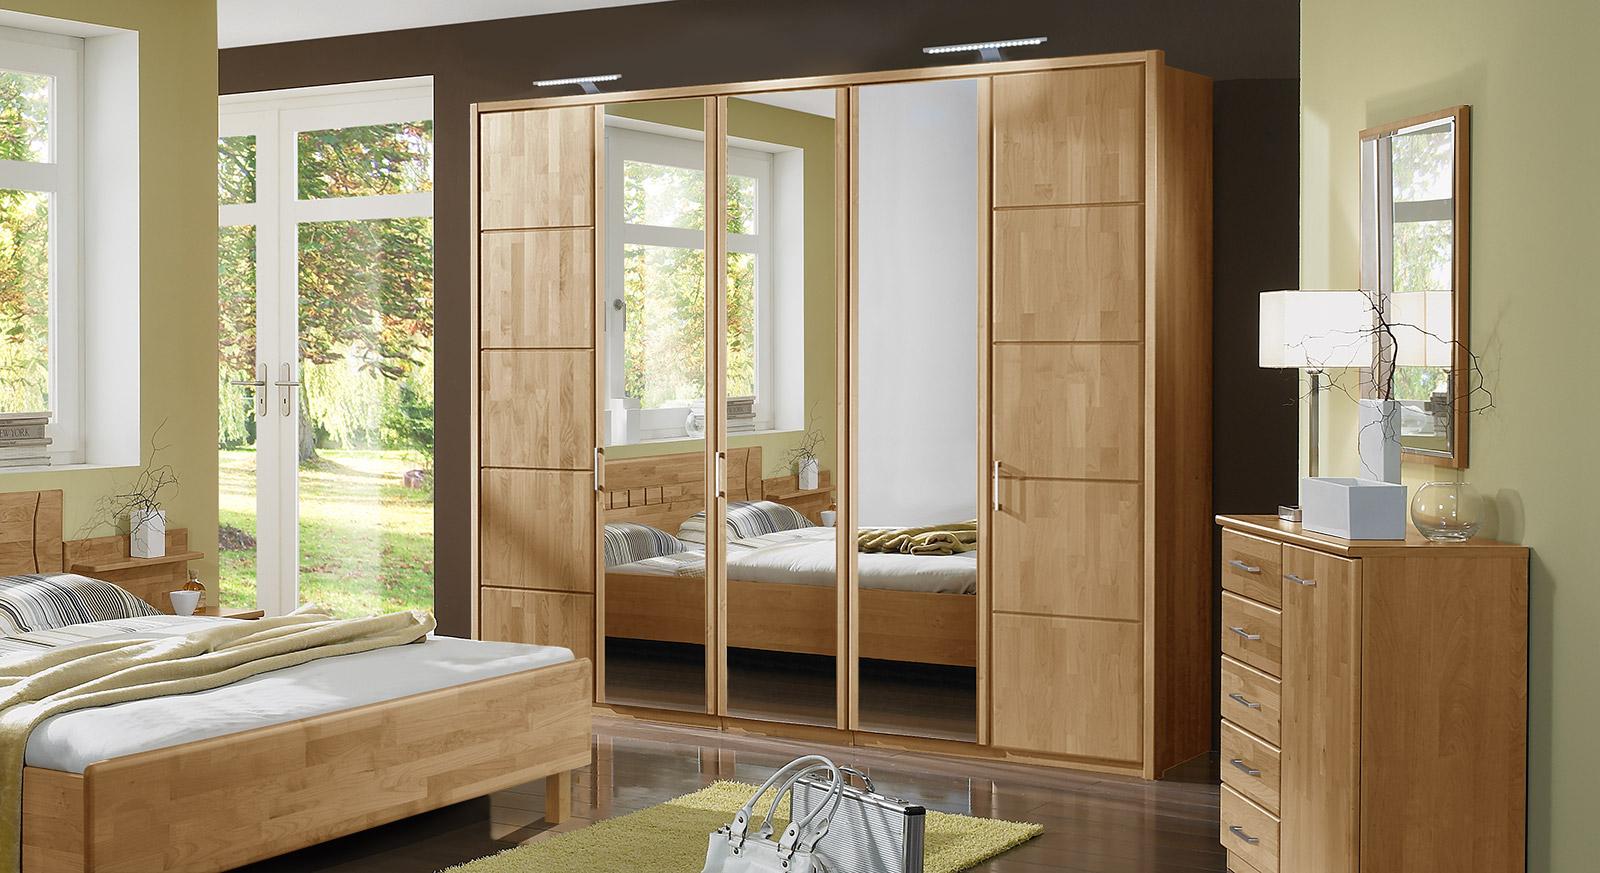 Schlafzimmerschrank mit Drehtüren in Erle teilmassiv - Beyla